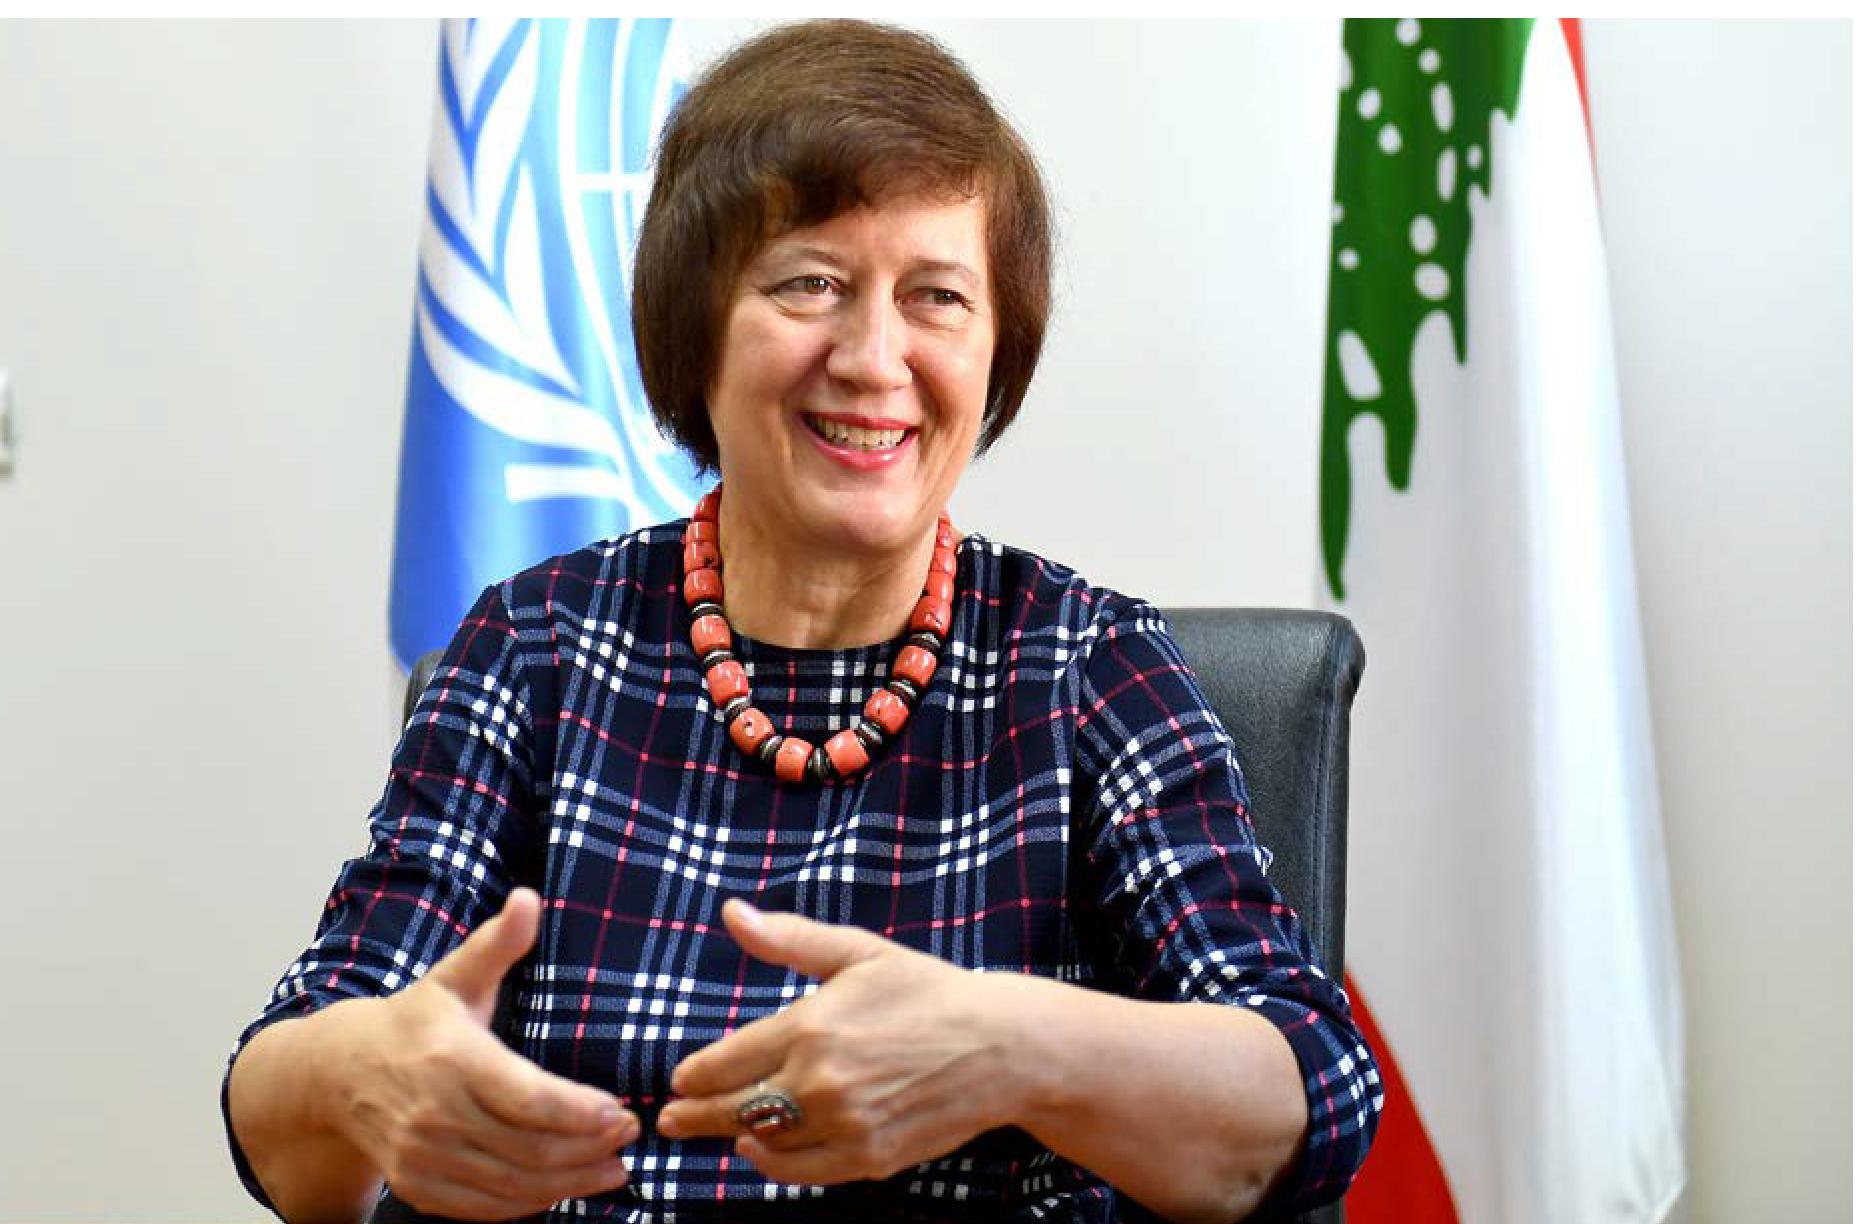 المنسقة الخاصة للأمم المتحدة يوانا فرونتسكا: يمكن الحكومة  أن تفرمل المسار الإنحداري بخطوات فورية